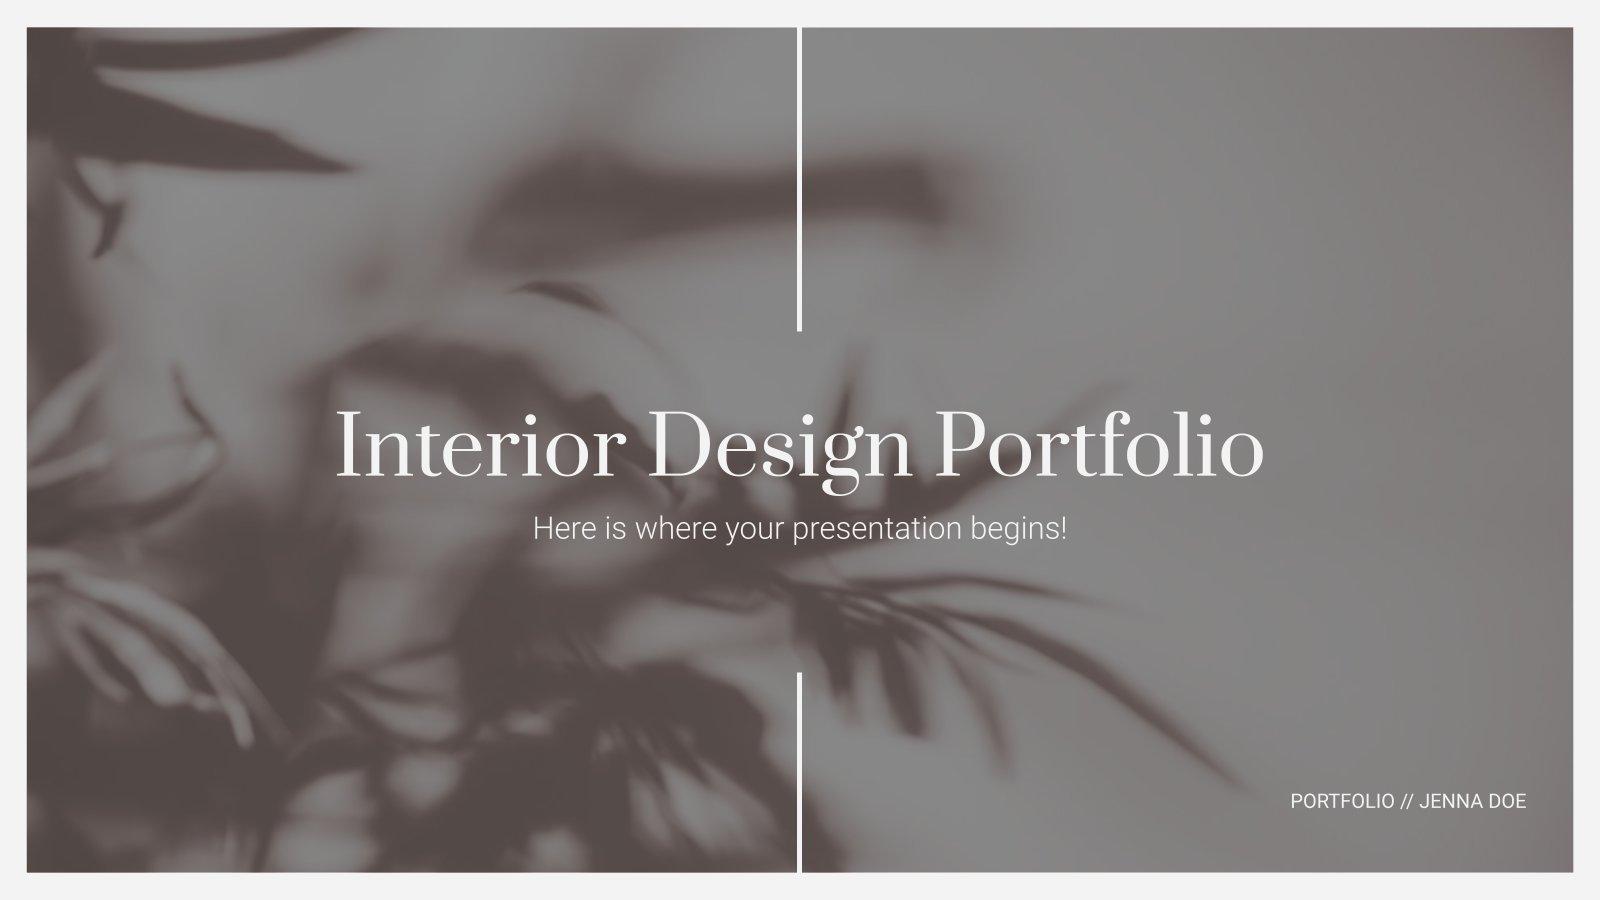 Portfolio de décoration d'intérieur : Modèles de présentation